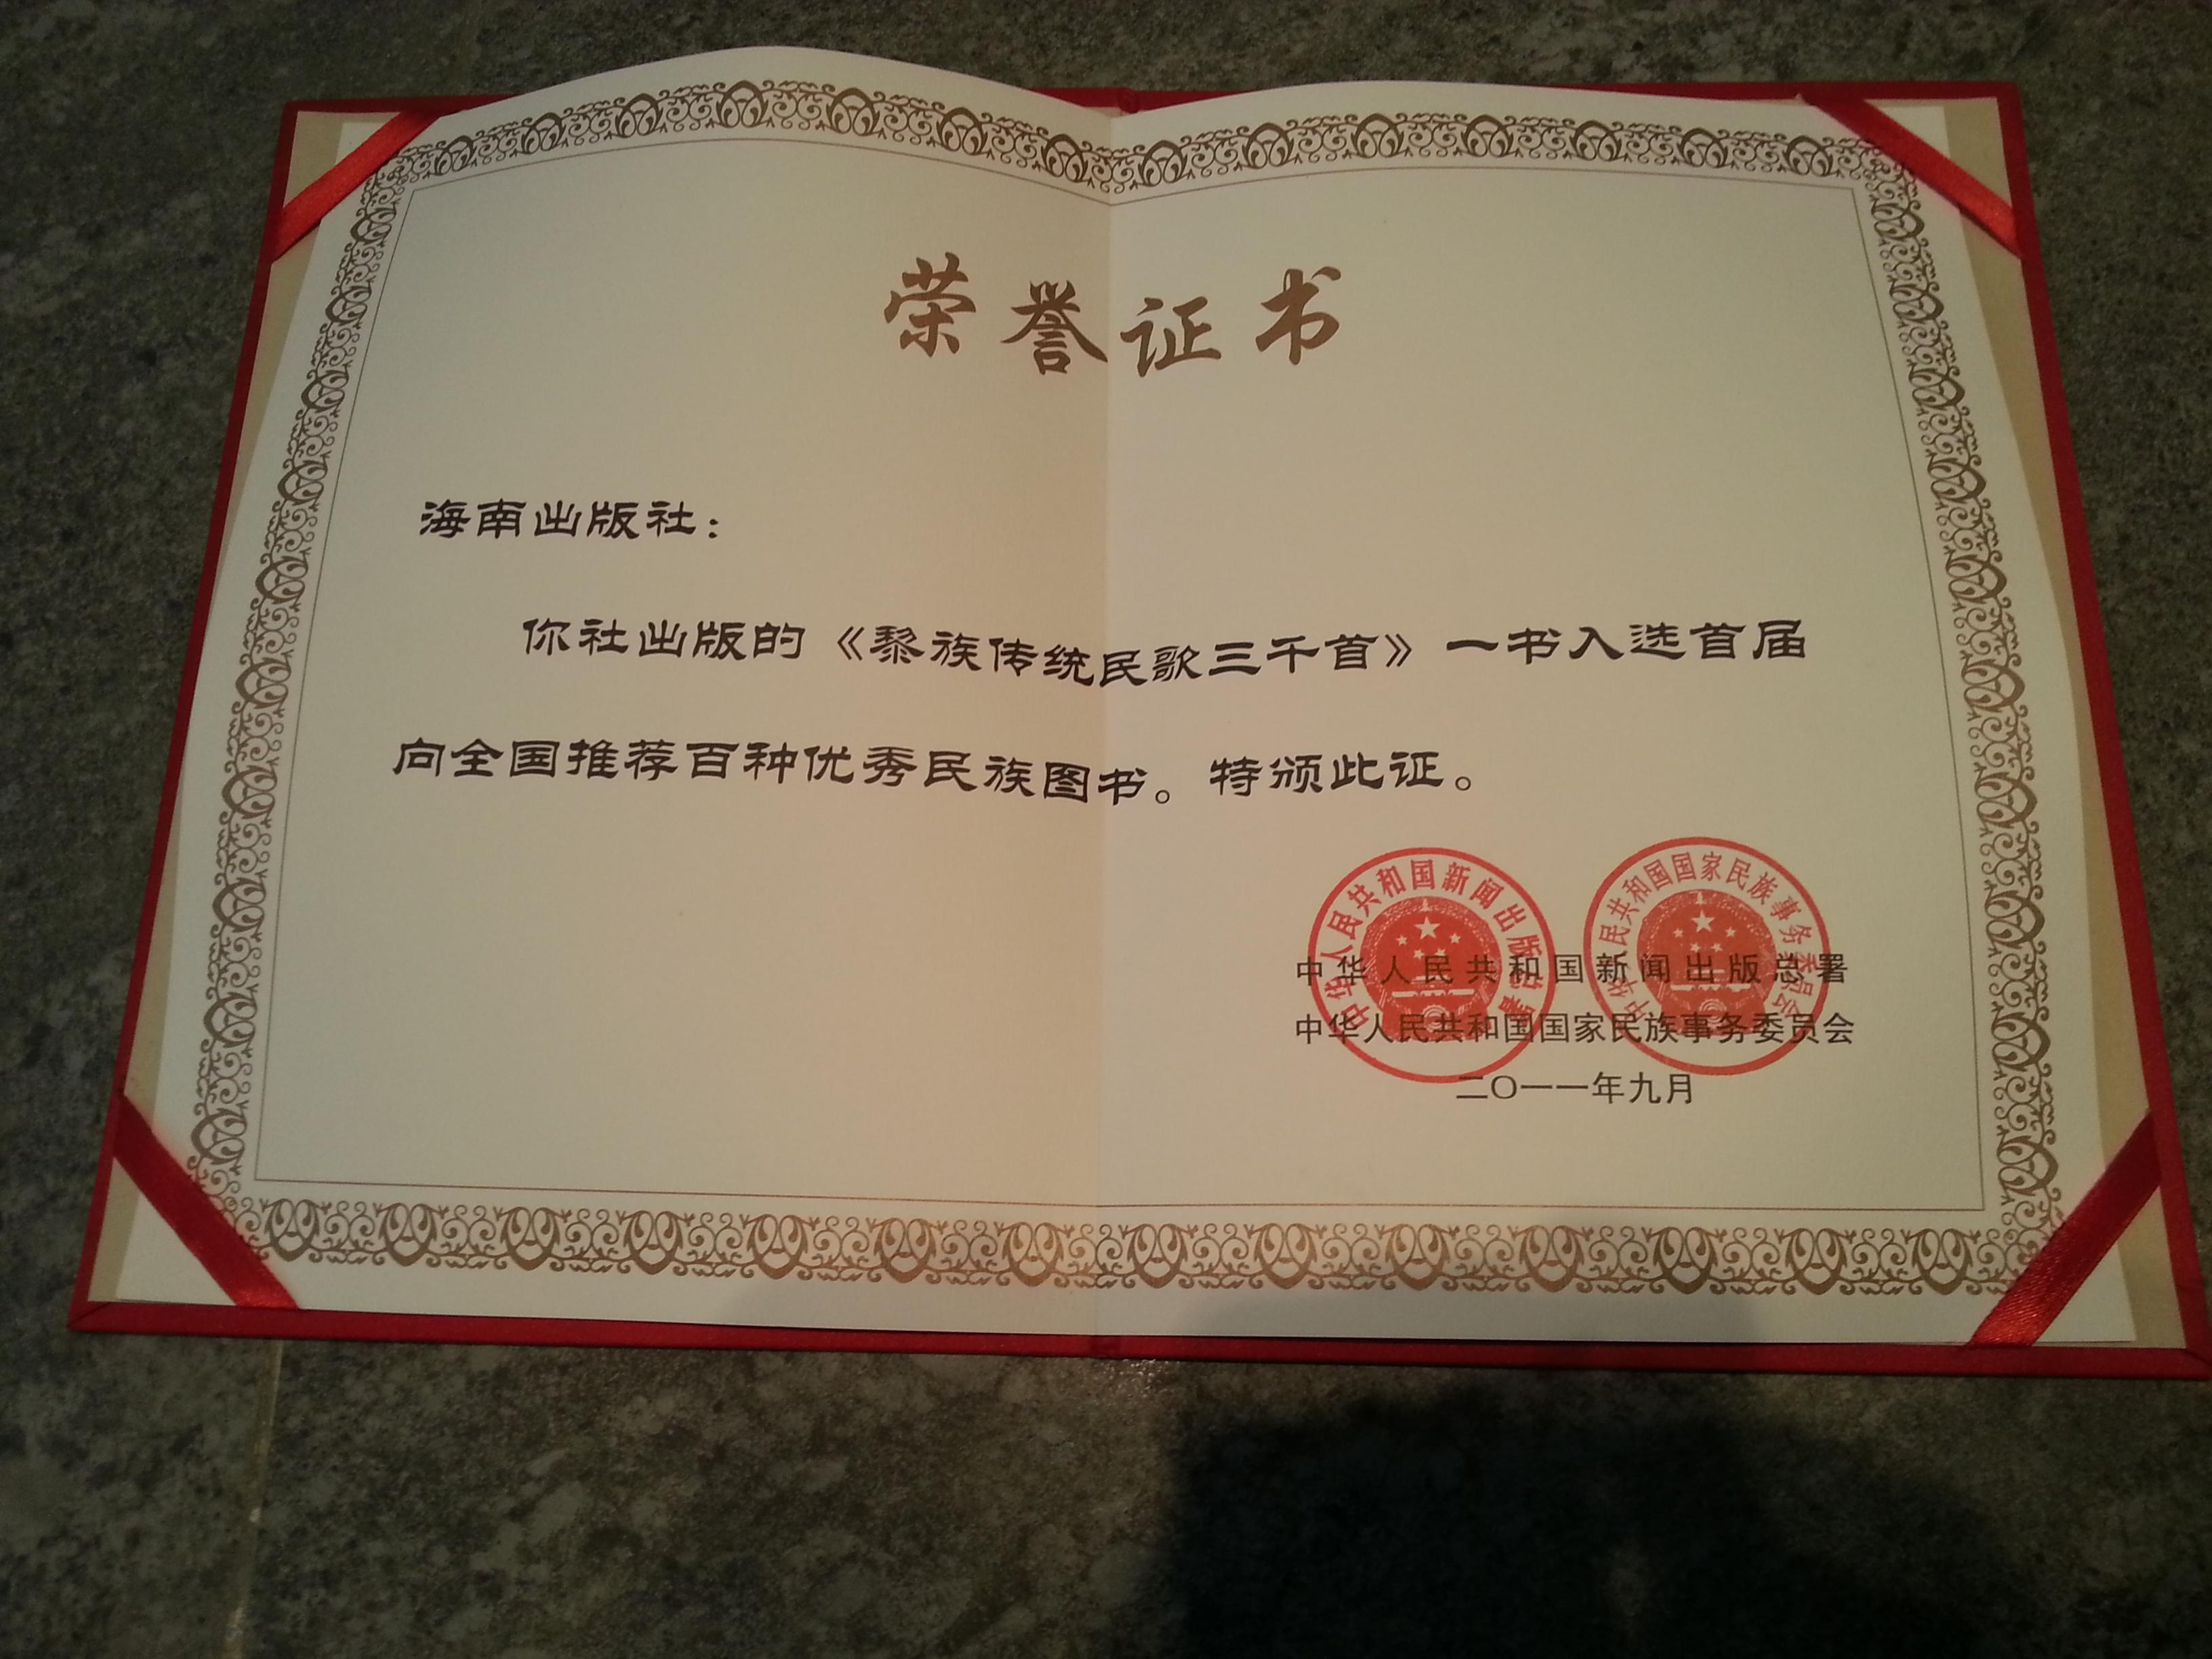 《黎族传统民歌三千首》入选首届向全国推荐百种优秀民族图书